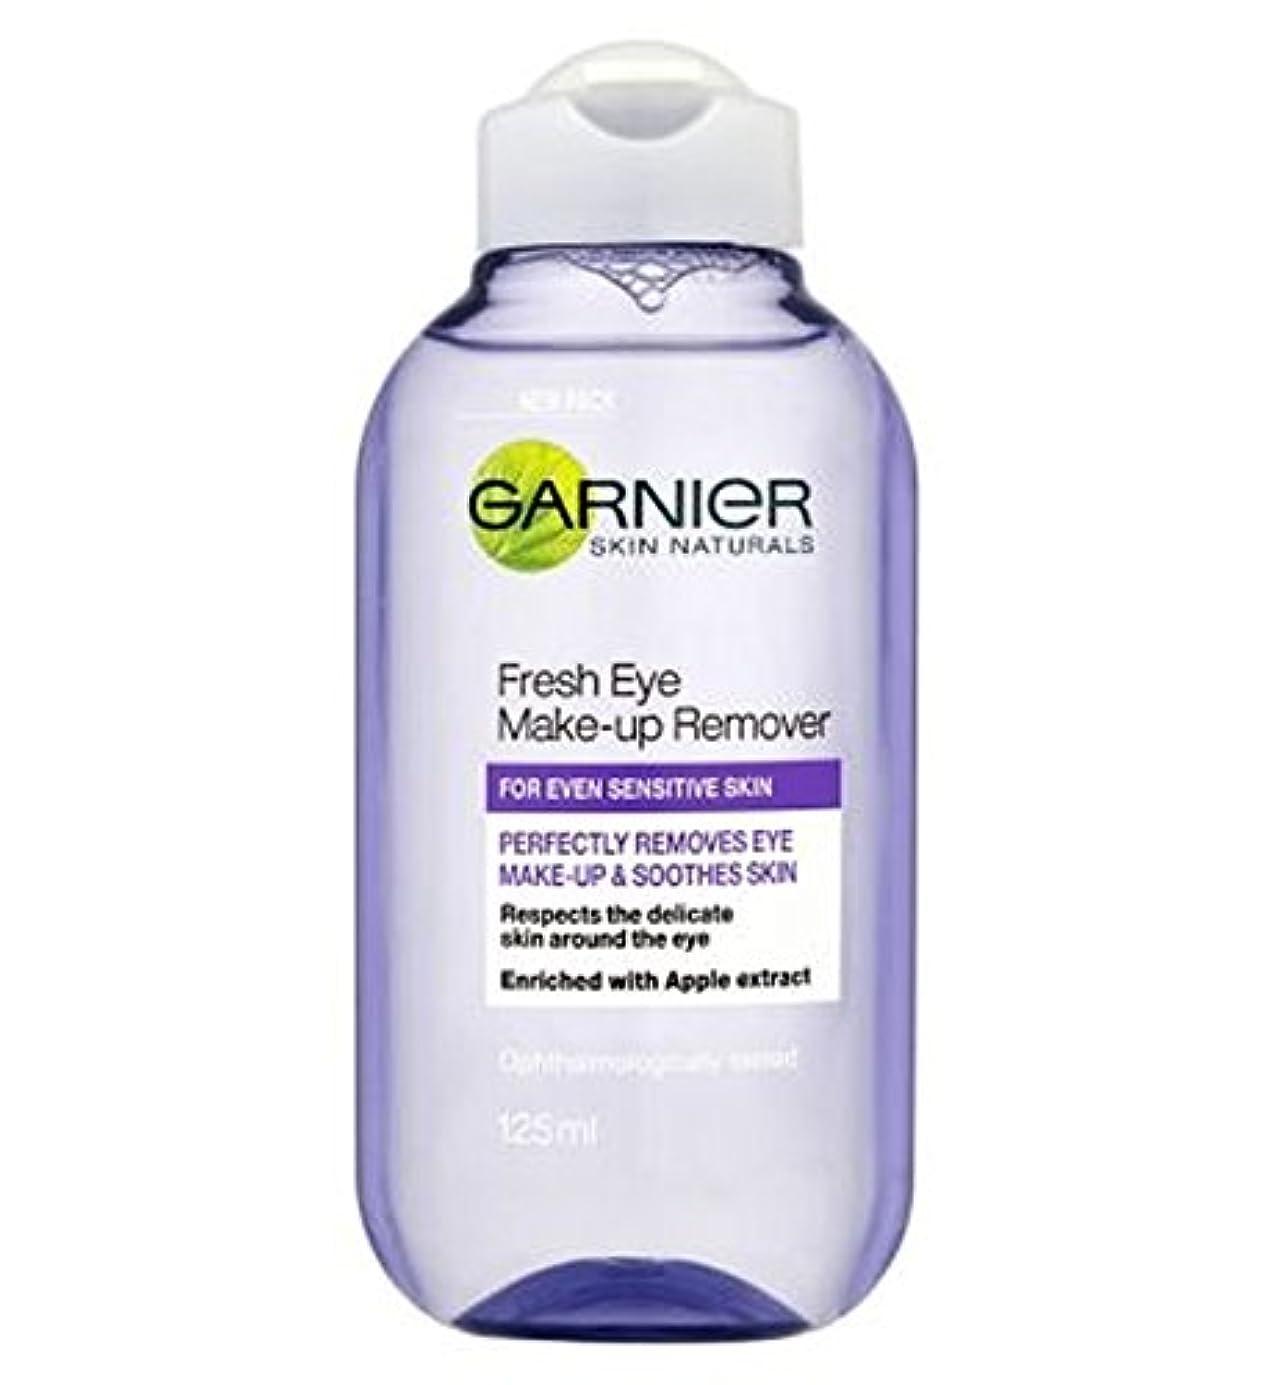 フレキシブル胃甘いガルニエ新鮮な目作るリムーバー125ミリリットル (Garnier) (x2) - Garnier Fresh Eye Make Up Remover 125ml (Pack of 2) [並行輸入品]